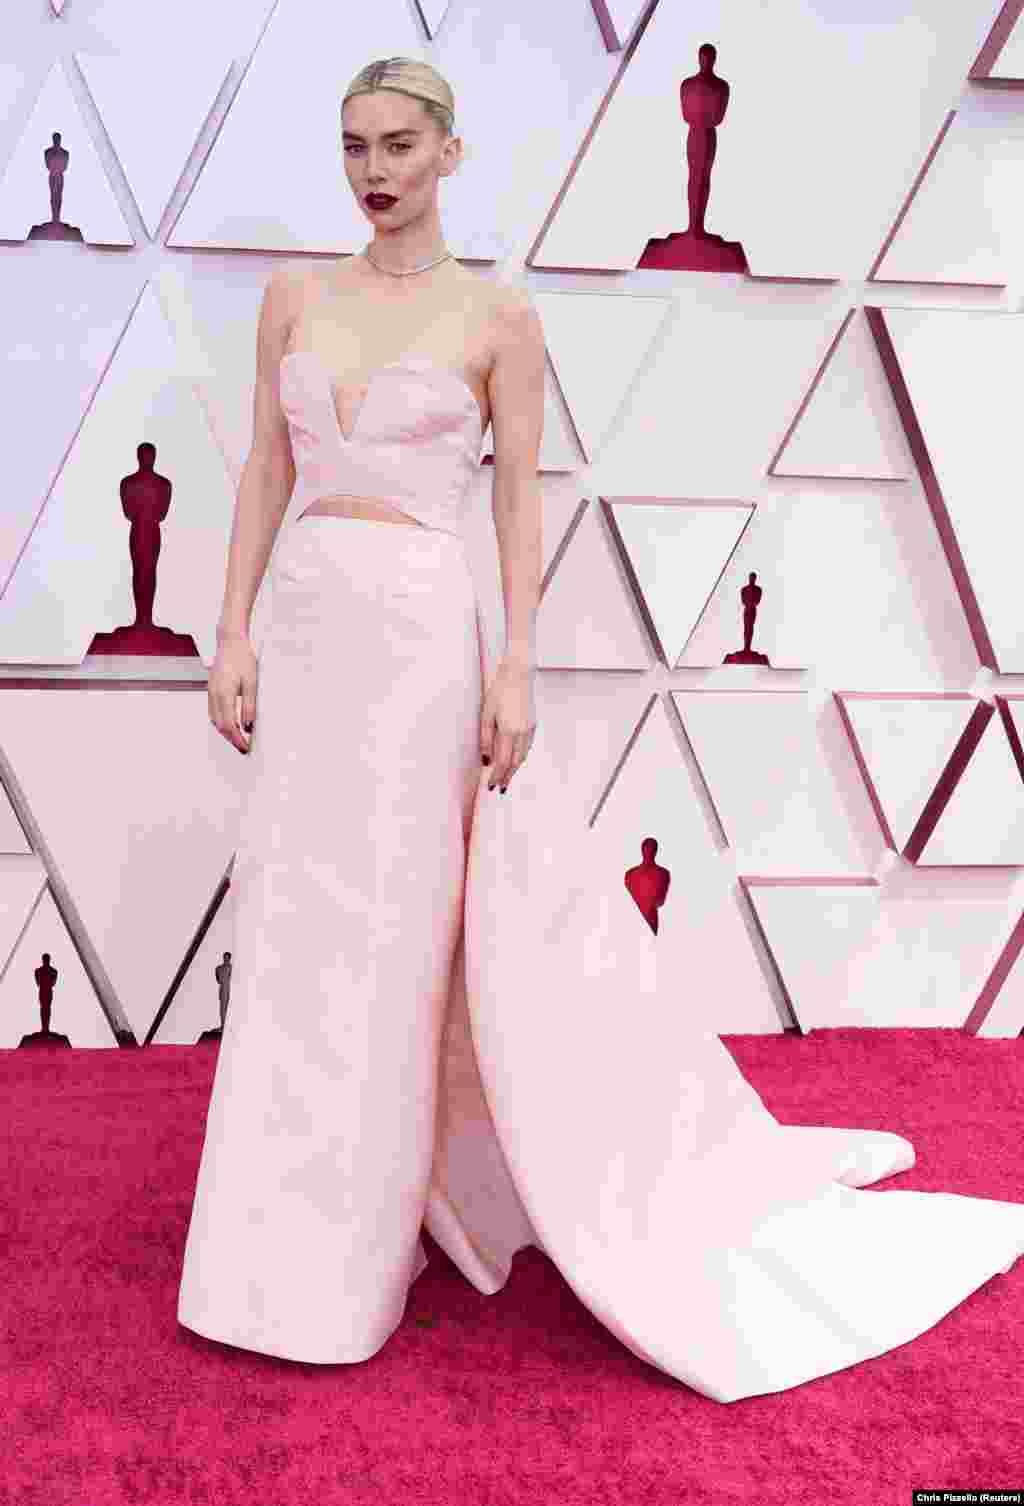 Április 25-én éjjel tartották a 93. Oscar-gálát, amelyen ezúttal magyar filmnek nem, de Vanessa Kirby-nek szurkolhattunk. A brit színésznőtMundruczó KornélPieces of a Womancímű filmjében nyújtott alakításáért jelölték a legjobb női főszereplő kategóriában. A díjat végül nem ő vehette át, hanem Frances McDormand, A nomádok földjéért.